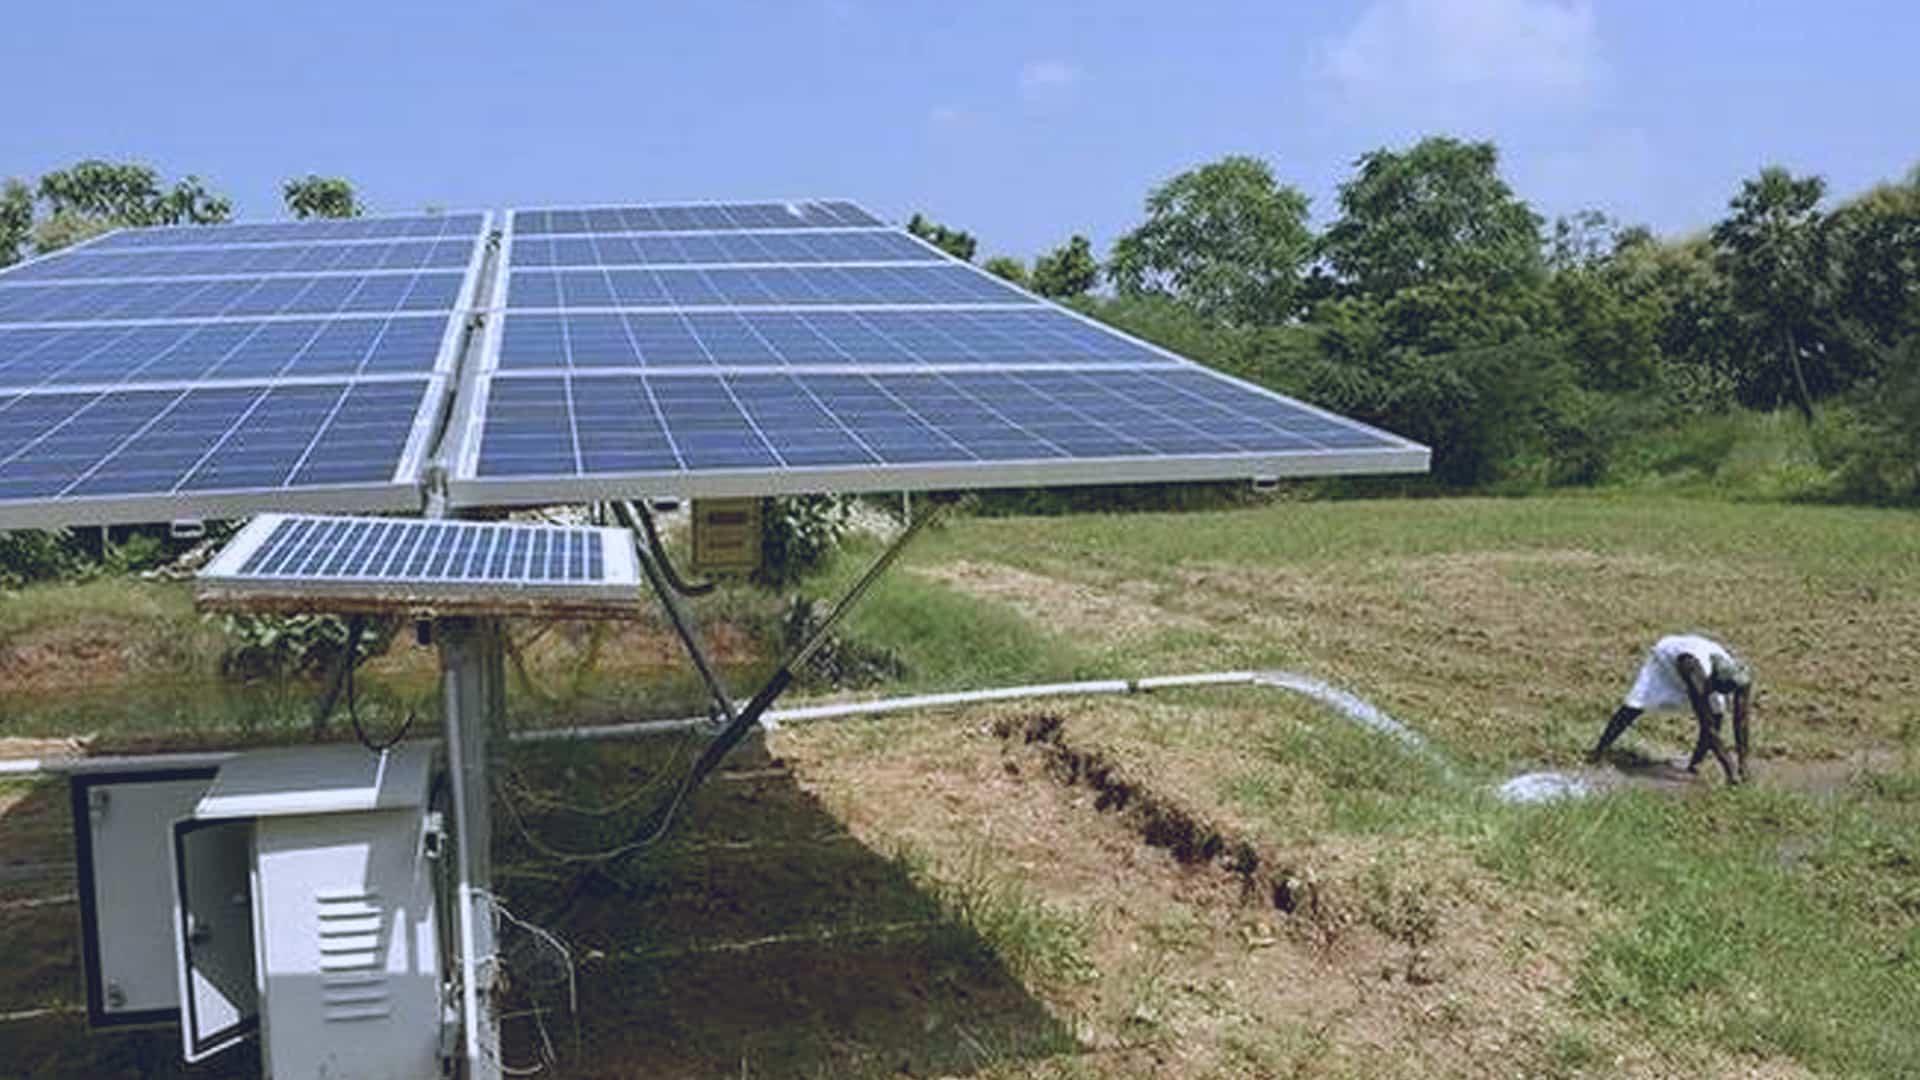 Haryana- Gautam Solar installs 1,000 solar pumps for farmers under Pradhan Mantri Kusum Yojana